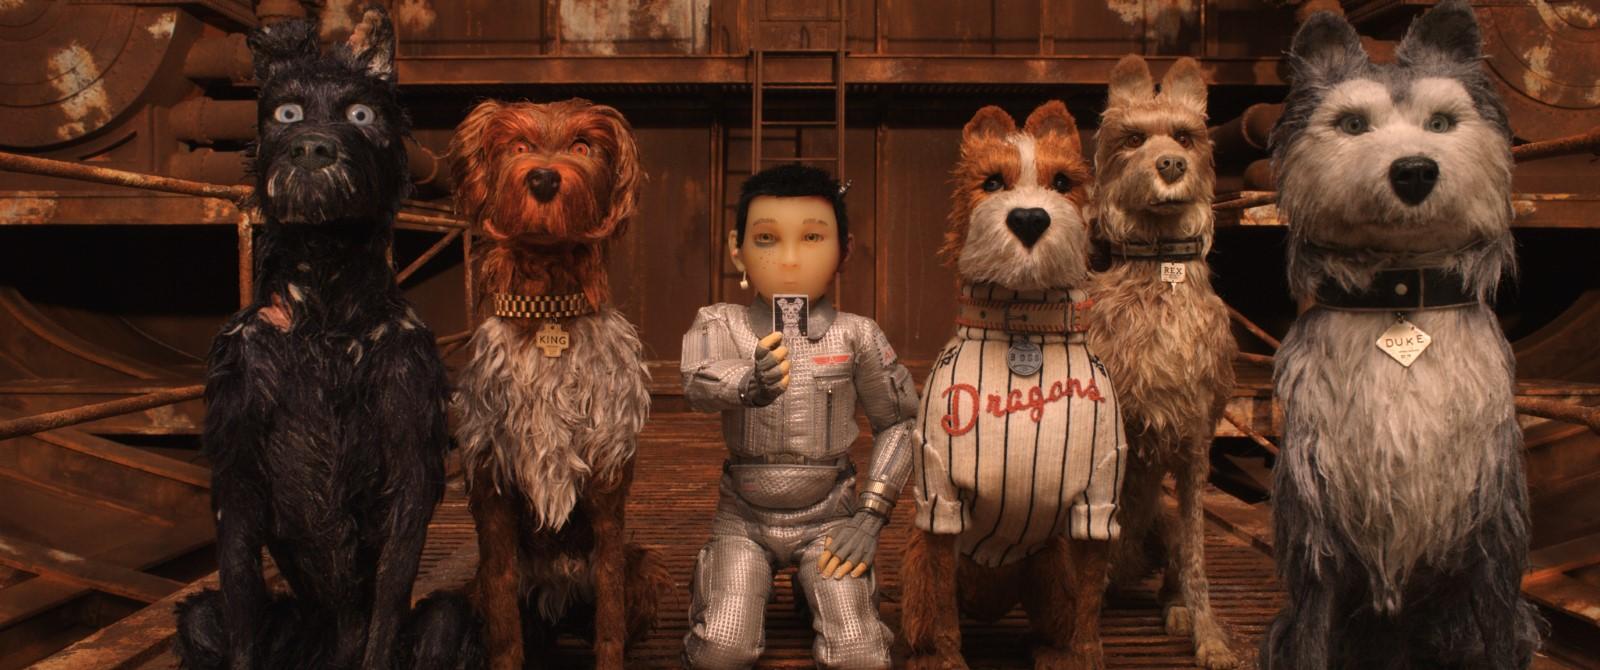 Image du film l'île aux chiens